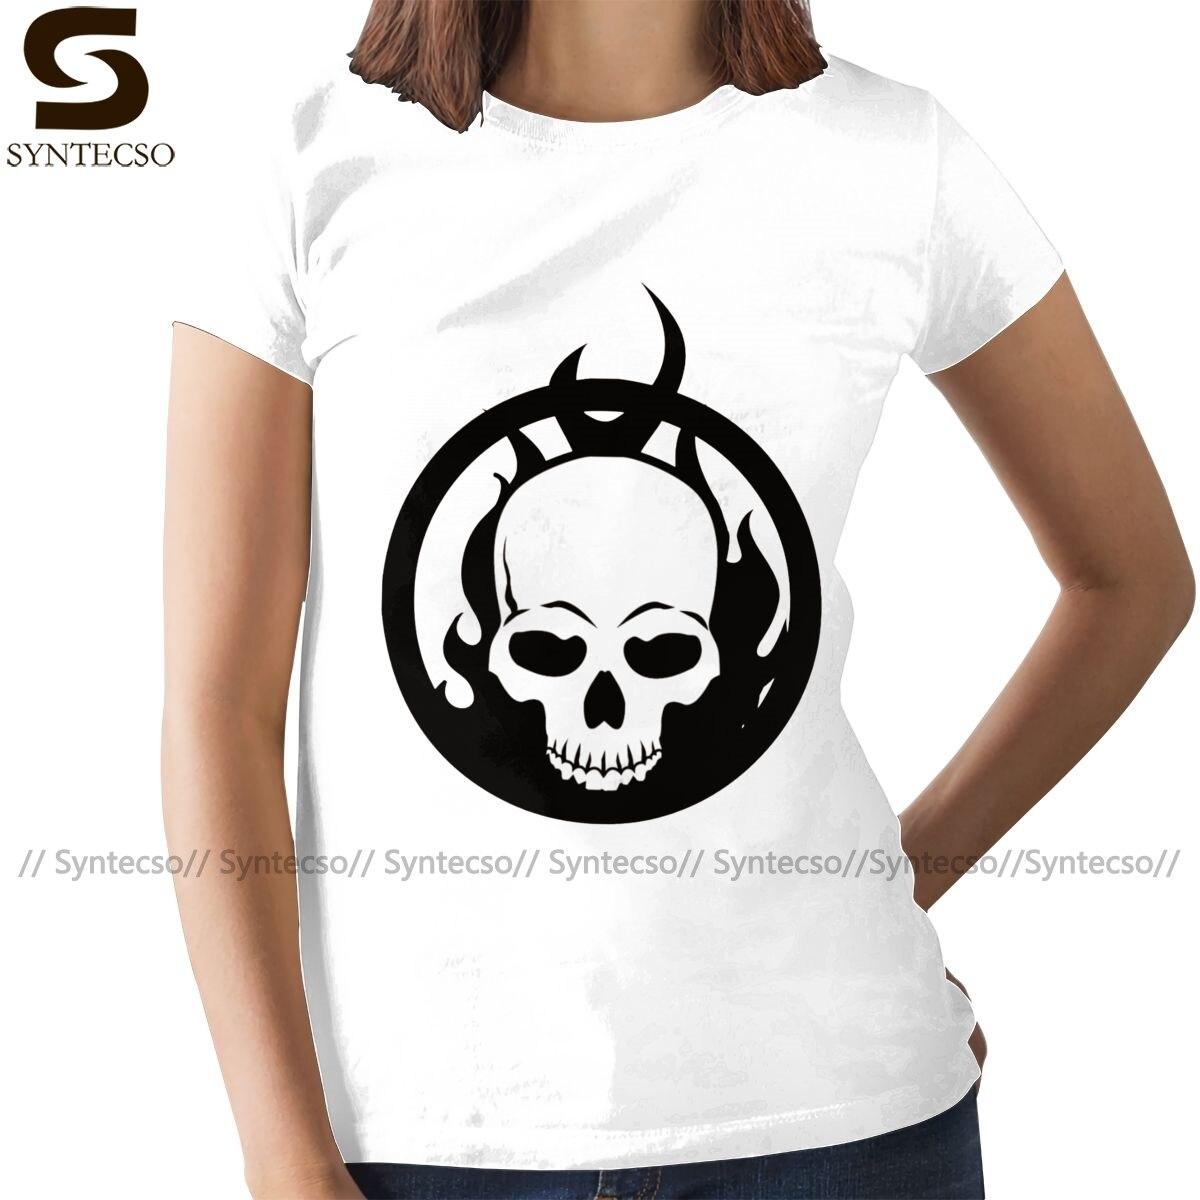 Женская футболка с изображением черепа Ghost Rider, белая футболка с изображением черепа, летняя футболка